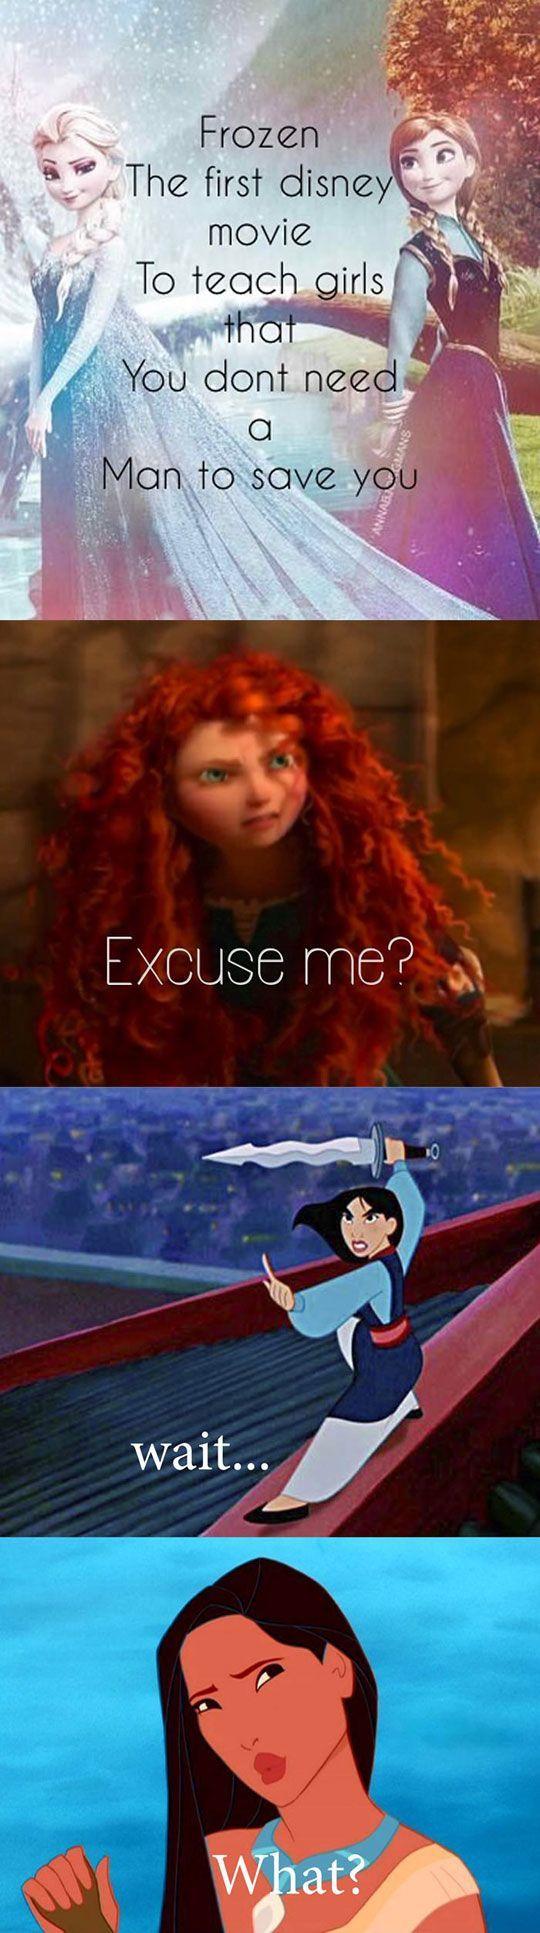 40 Disney Humor Quotes #Disney #Humor